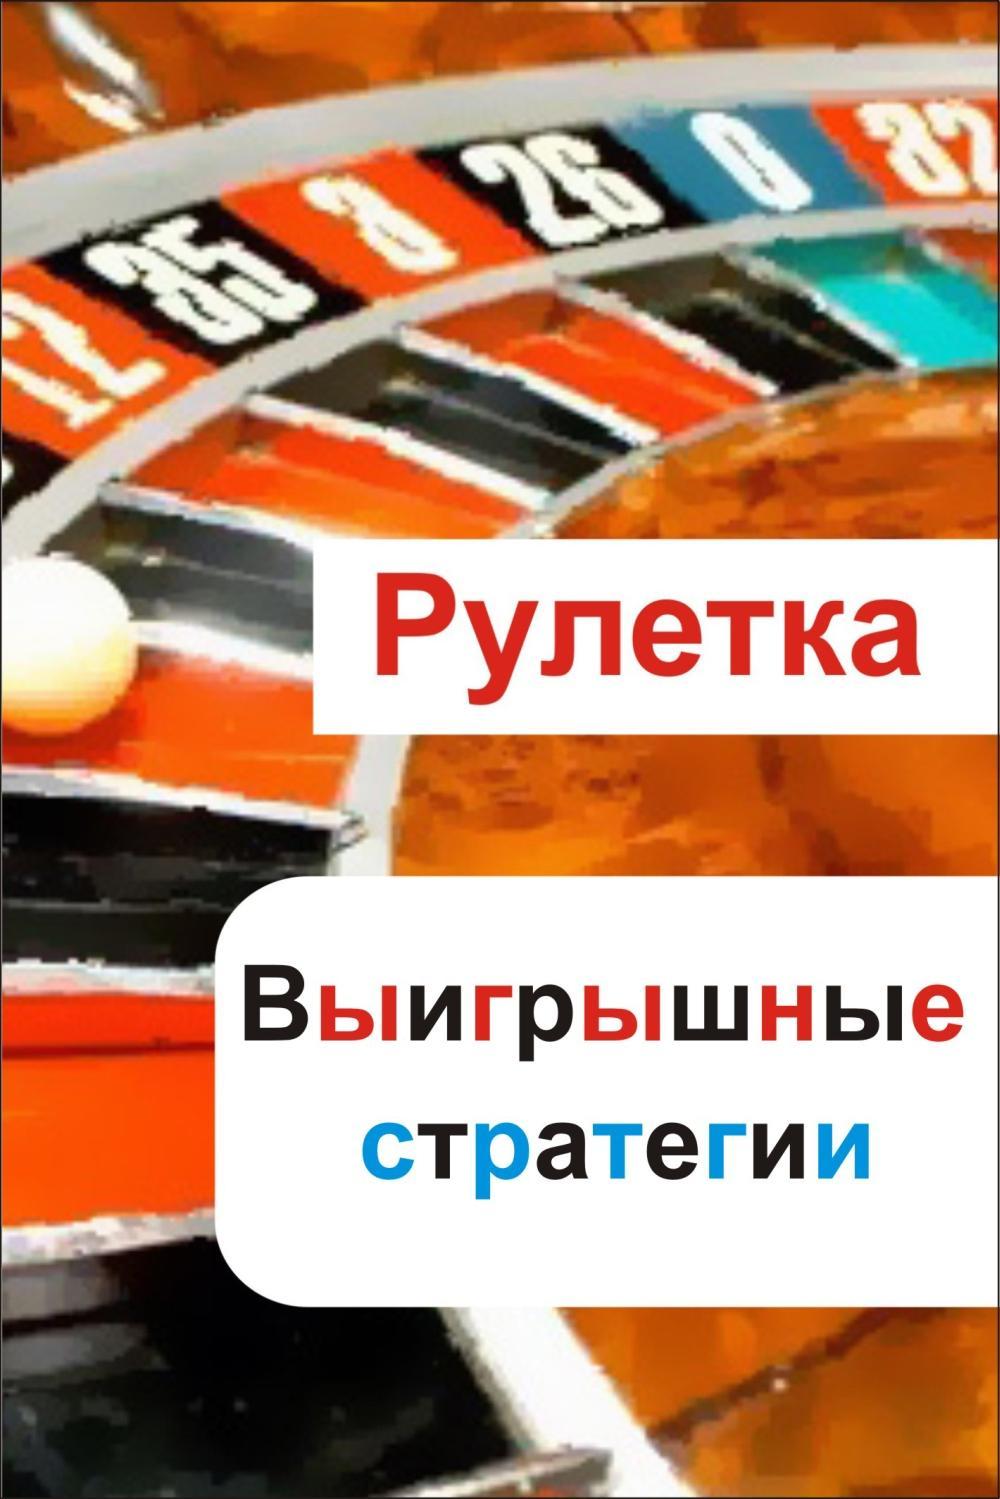 Игра рулетку онлайн отзывы упслот казино